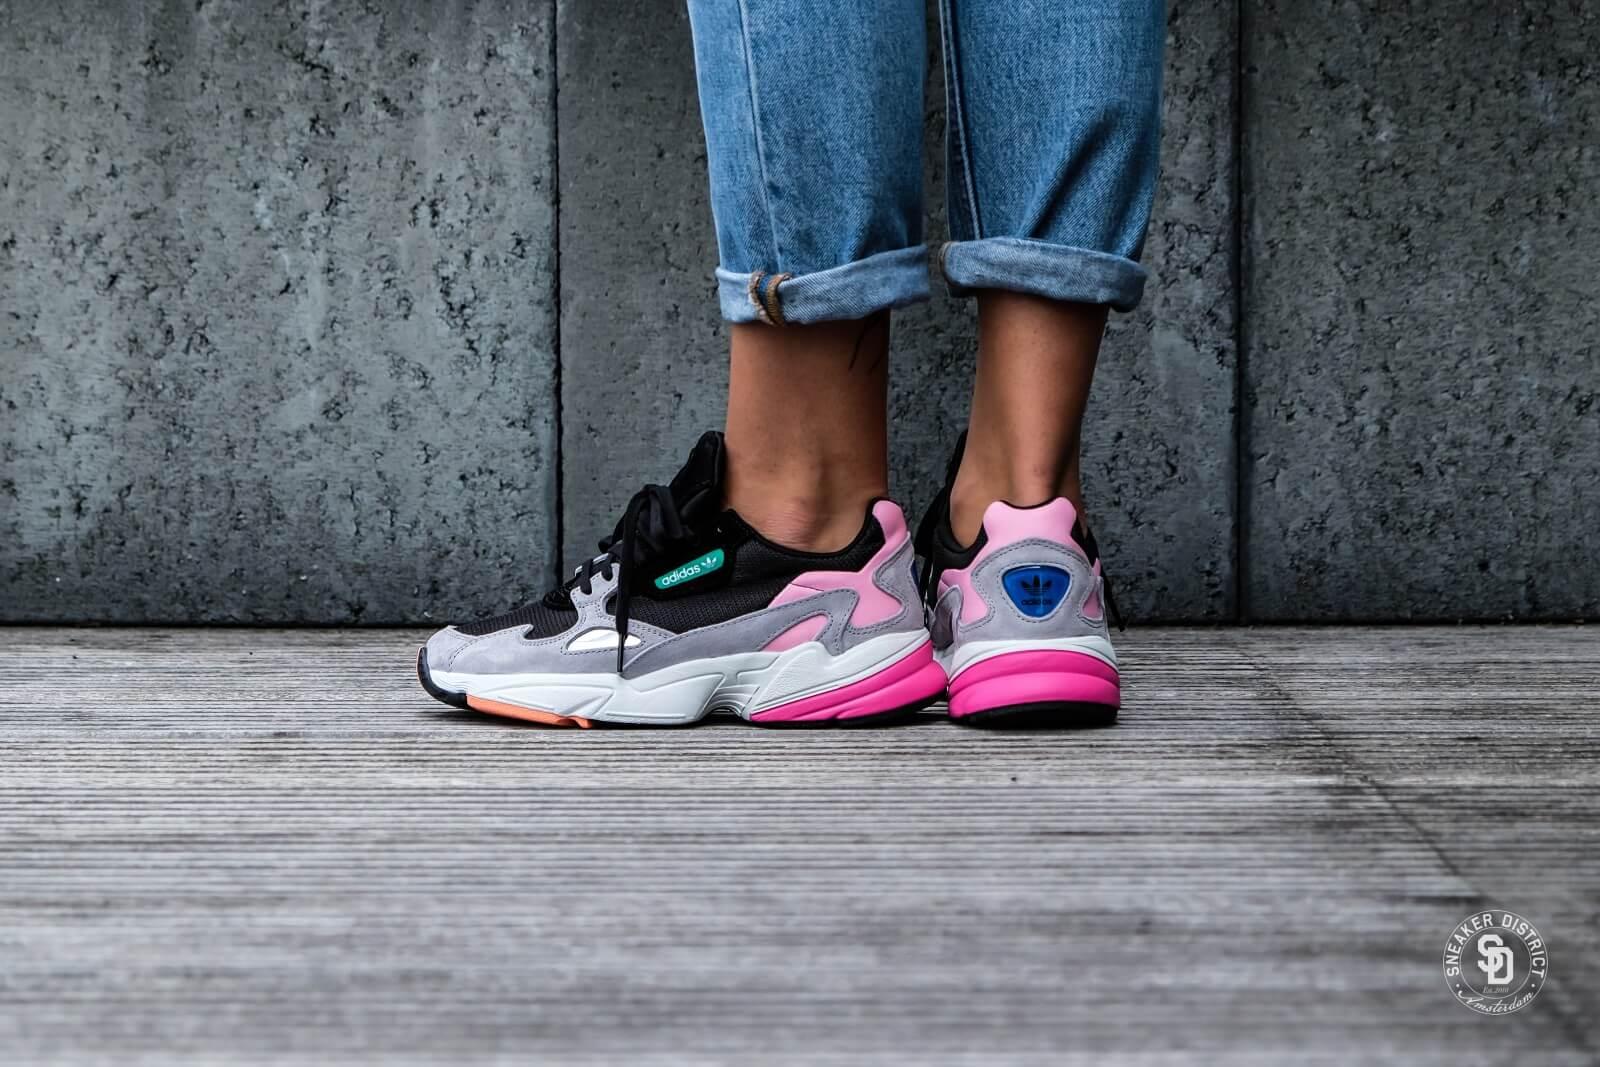 najnowsza kolekcja najlepszy zamówienie Adidas Women